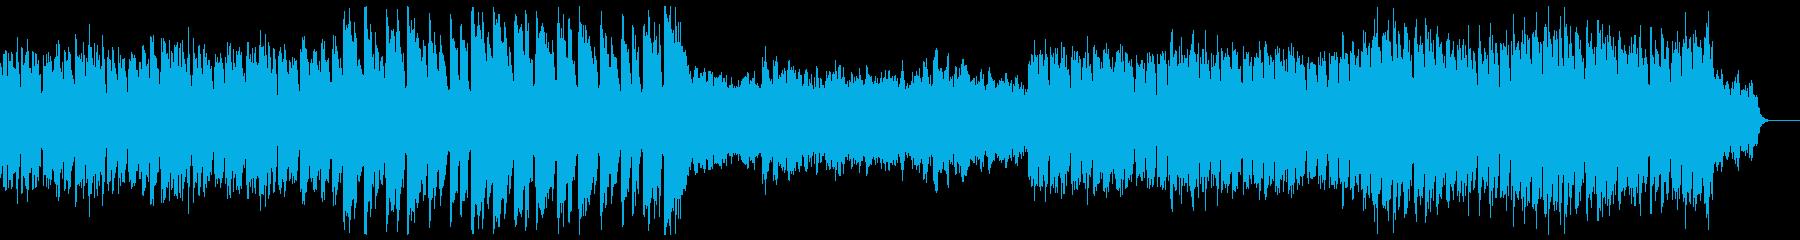 クラシック風/喜び/壮大/きらびやかの再生済みの波形